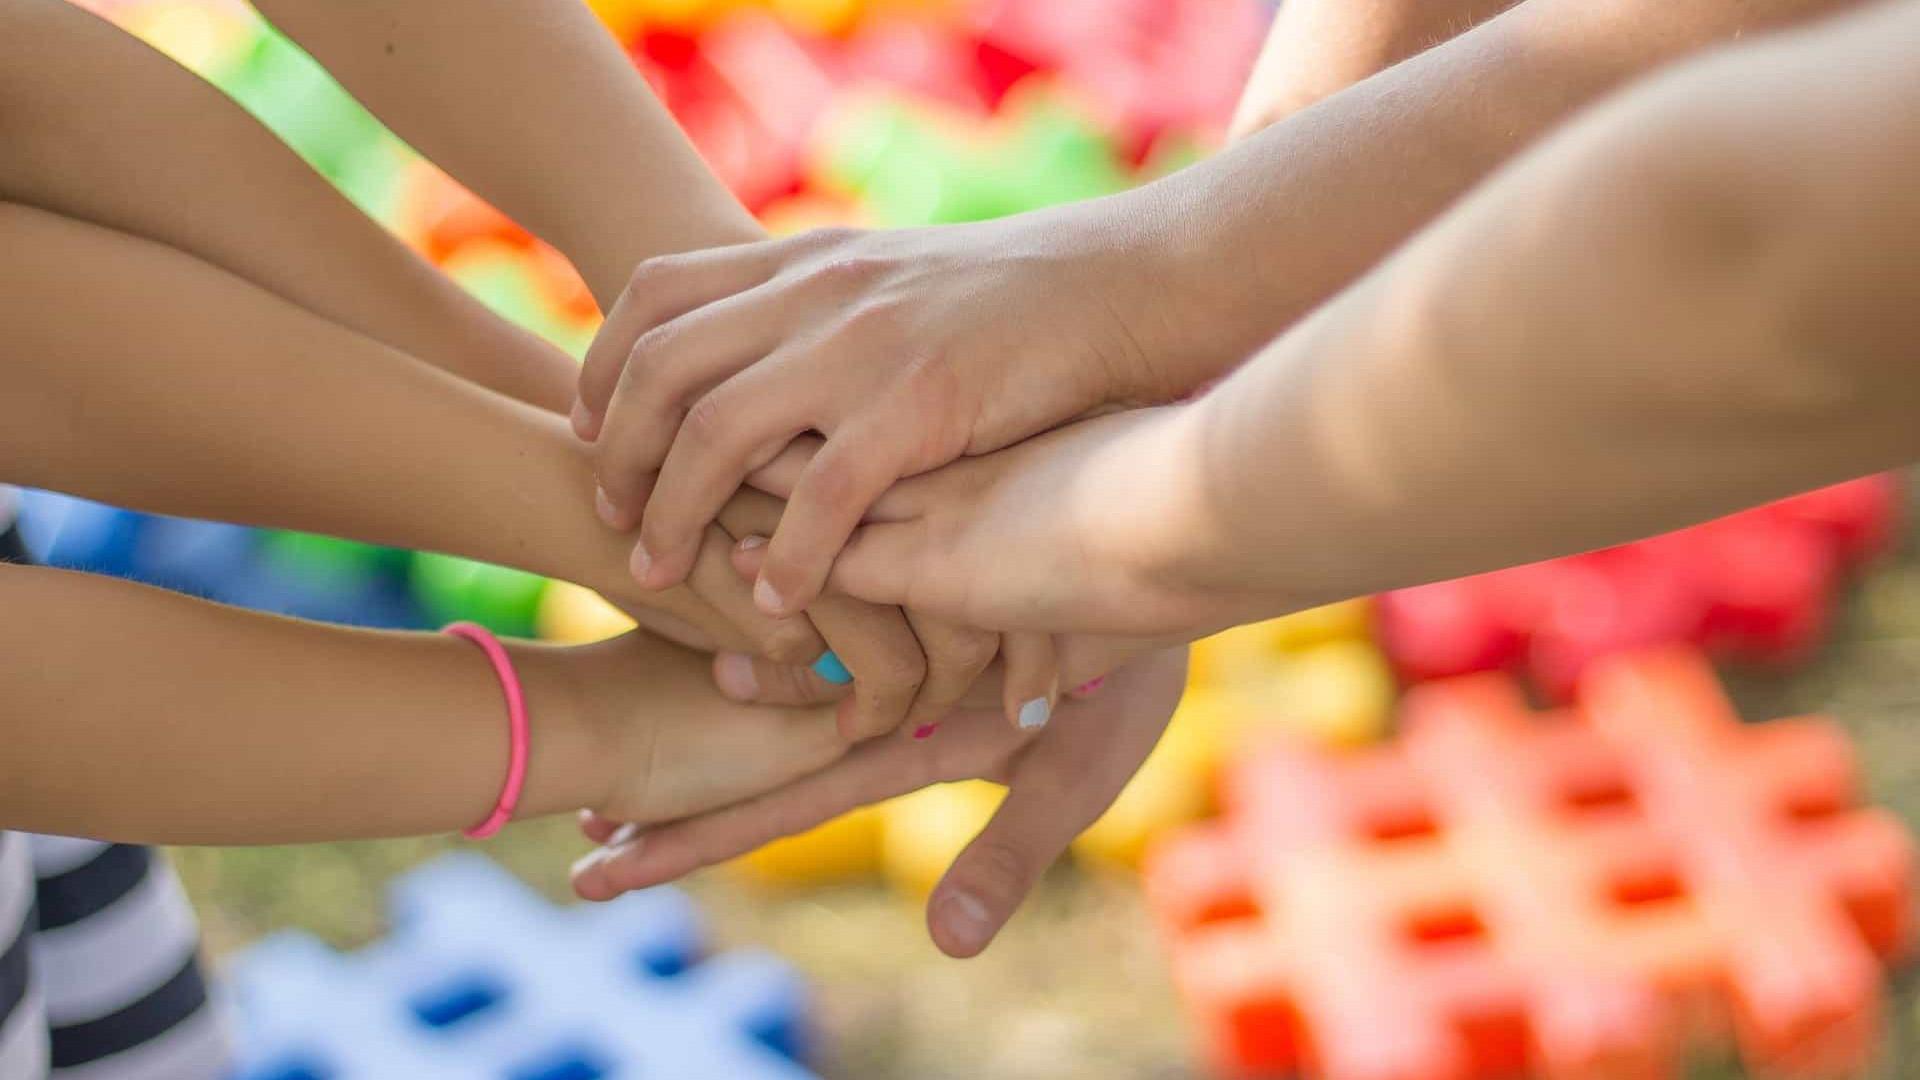 Veja como ficar atento à saúde mental das crianças durante o isolamento